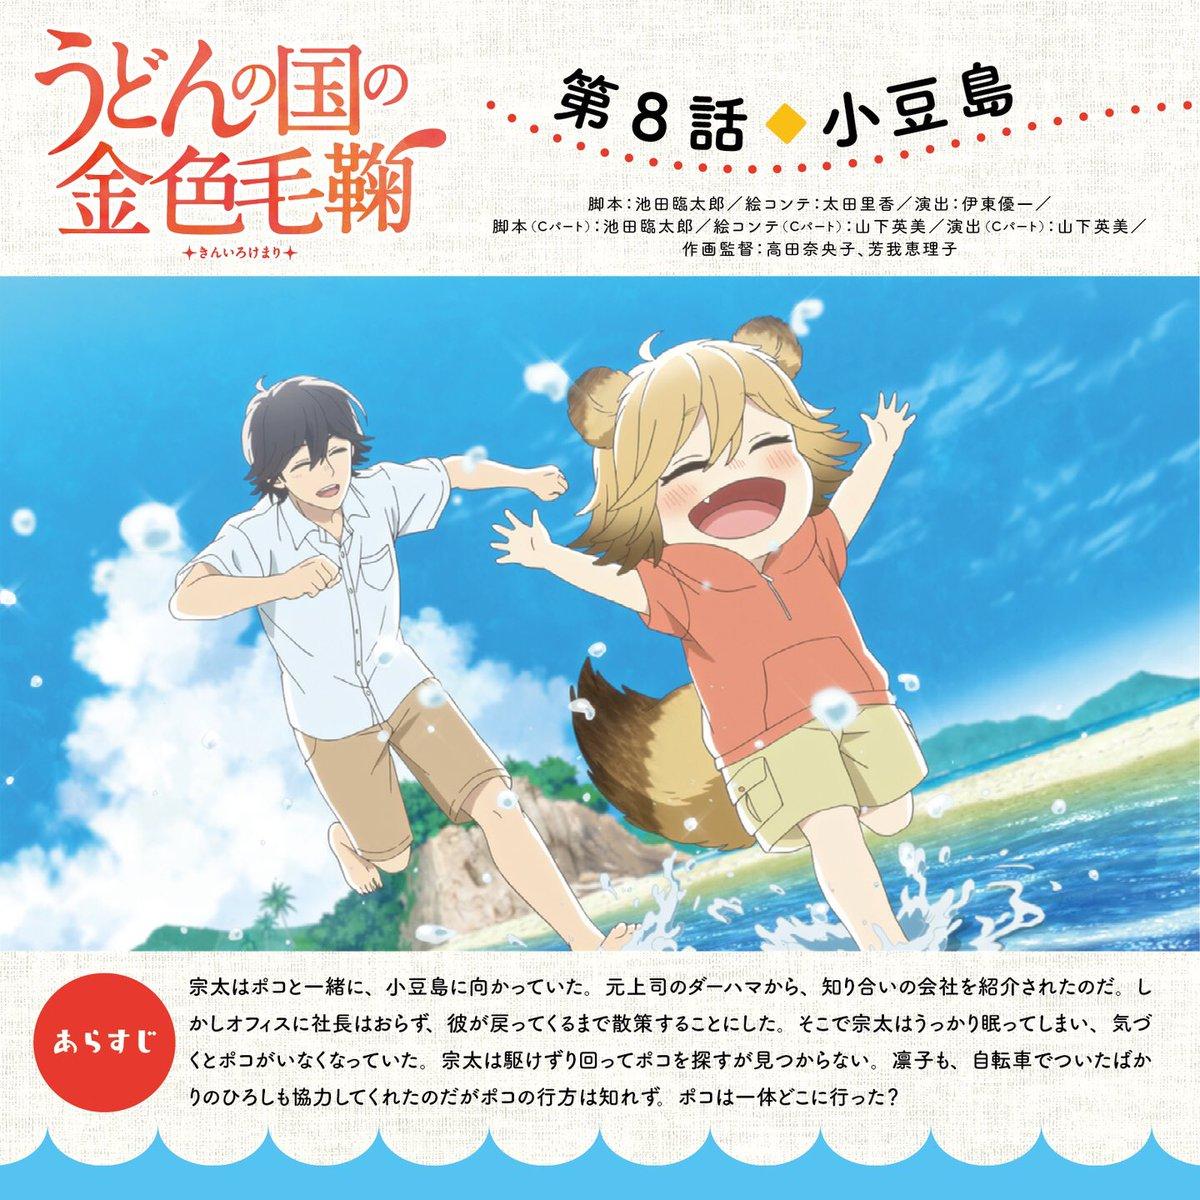 【放送情報:うどんの国の金色毛鞠】西日本放送では、このあと7:00より第8話「小豆島」が放送です!青い空と青い海に大はし